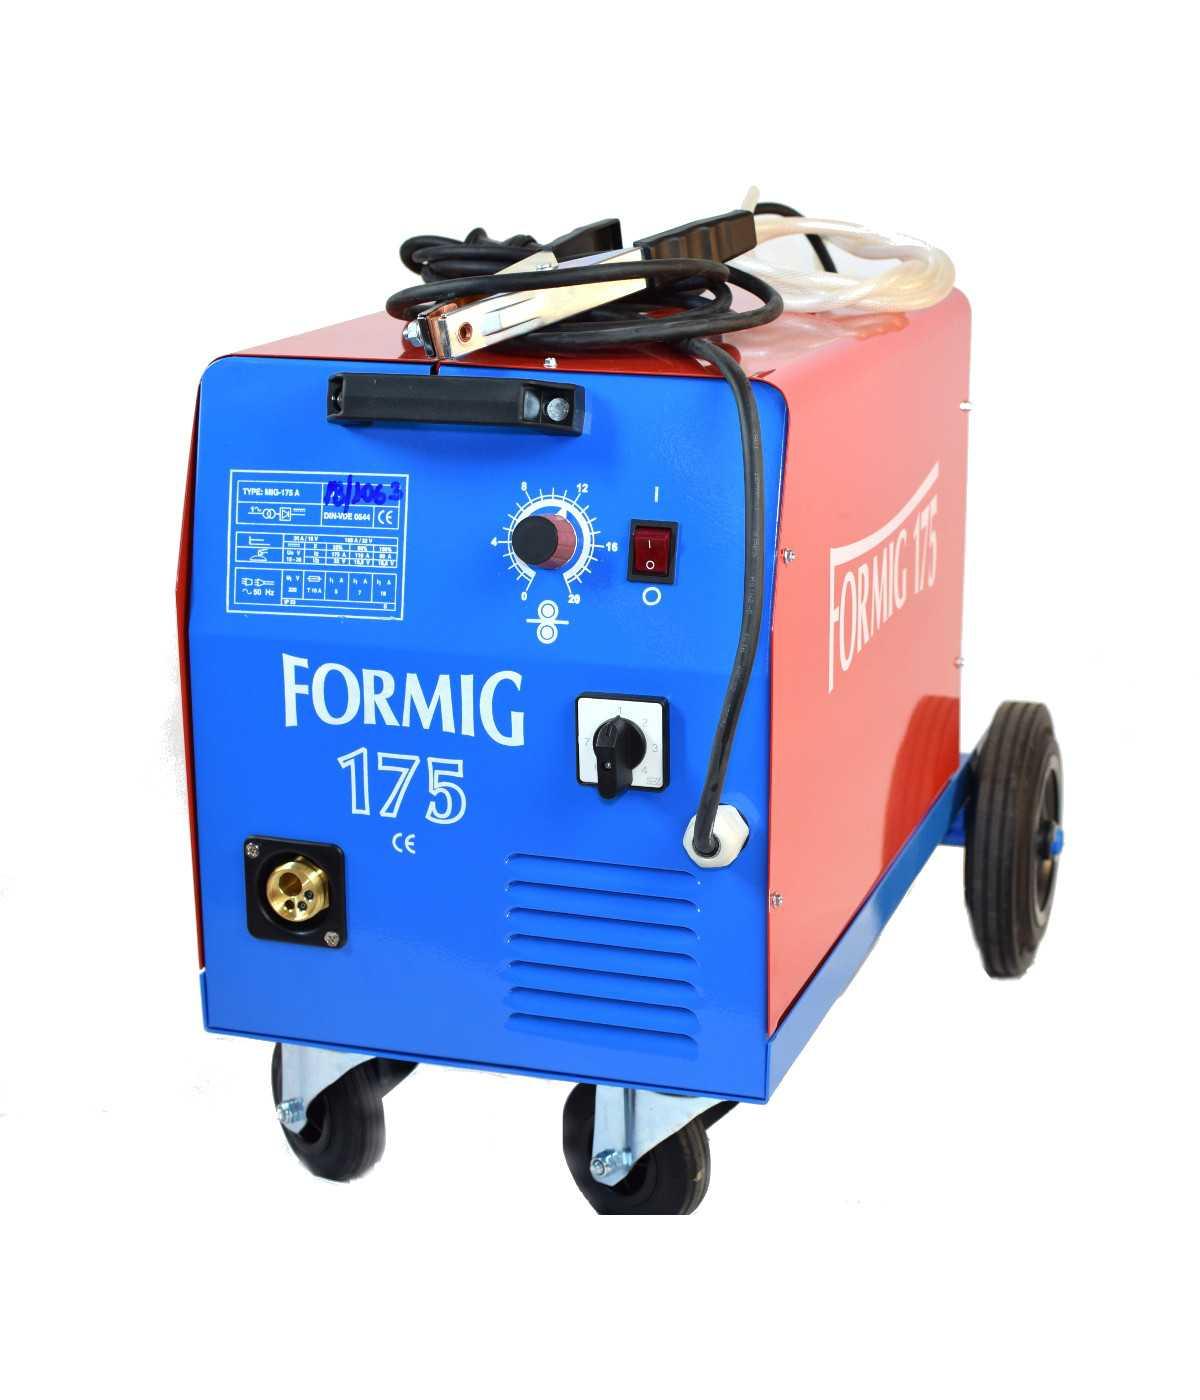 FORMIG- 175/15 CO2 védőgázas transzformátoros hegesztőgép